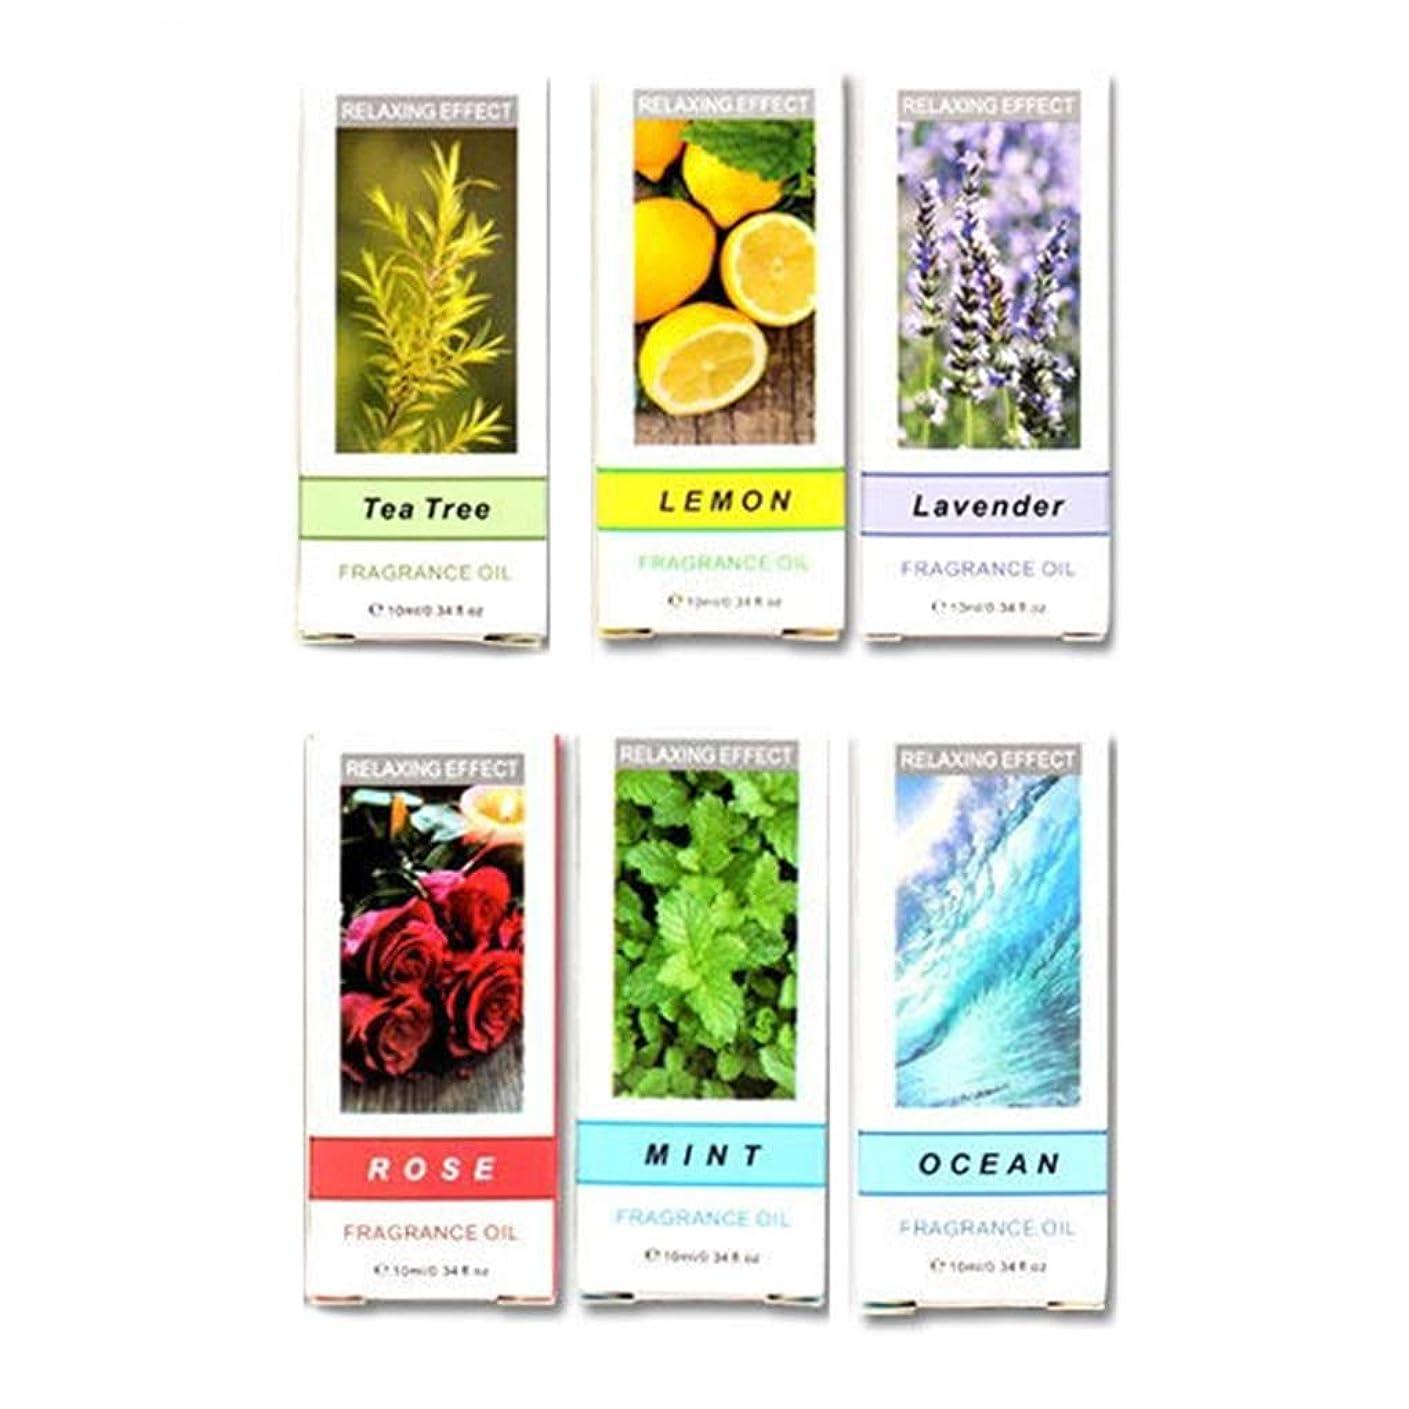 オリエンタル時刻表低いKOROWA エッセンシャルオイル(天然水溶性) 10ml 6本入り(レモン+ティーツリー+ローズ+ミント+ラベンダー+オーシャン) 天然100%植物性 エッセンシャルオイル アロマオイル アロマ